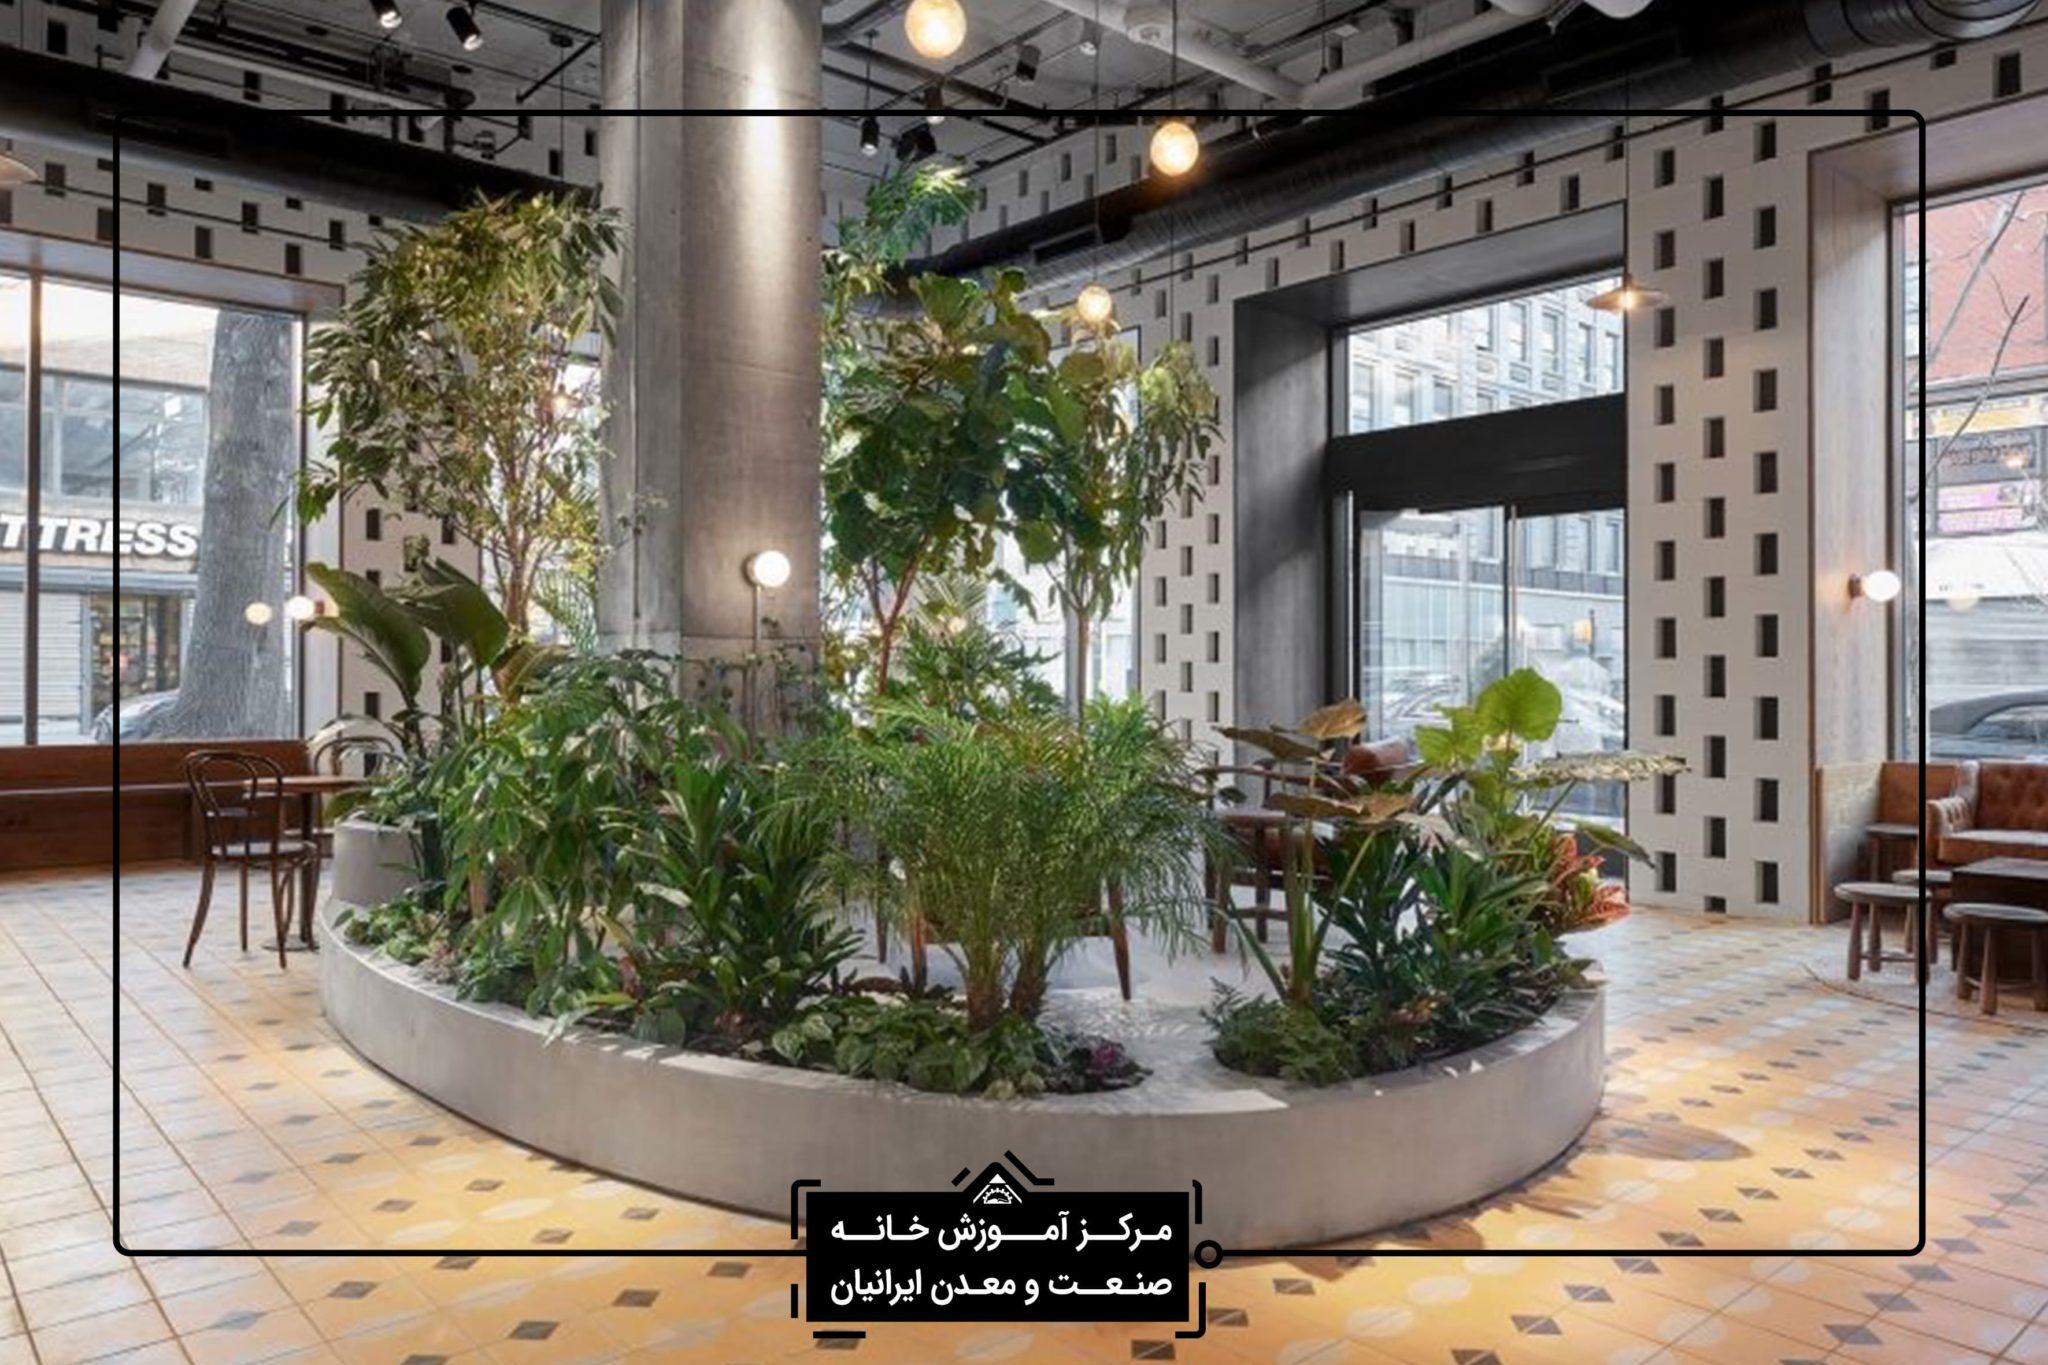 معماری داخلی در شیراز 1 - آموزشگاه معماری در شیراز